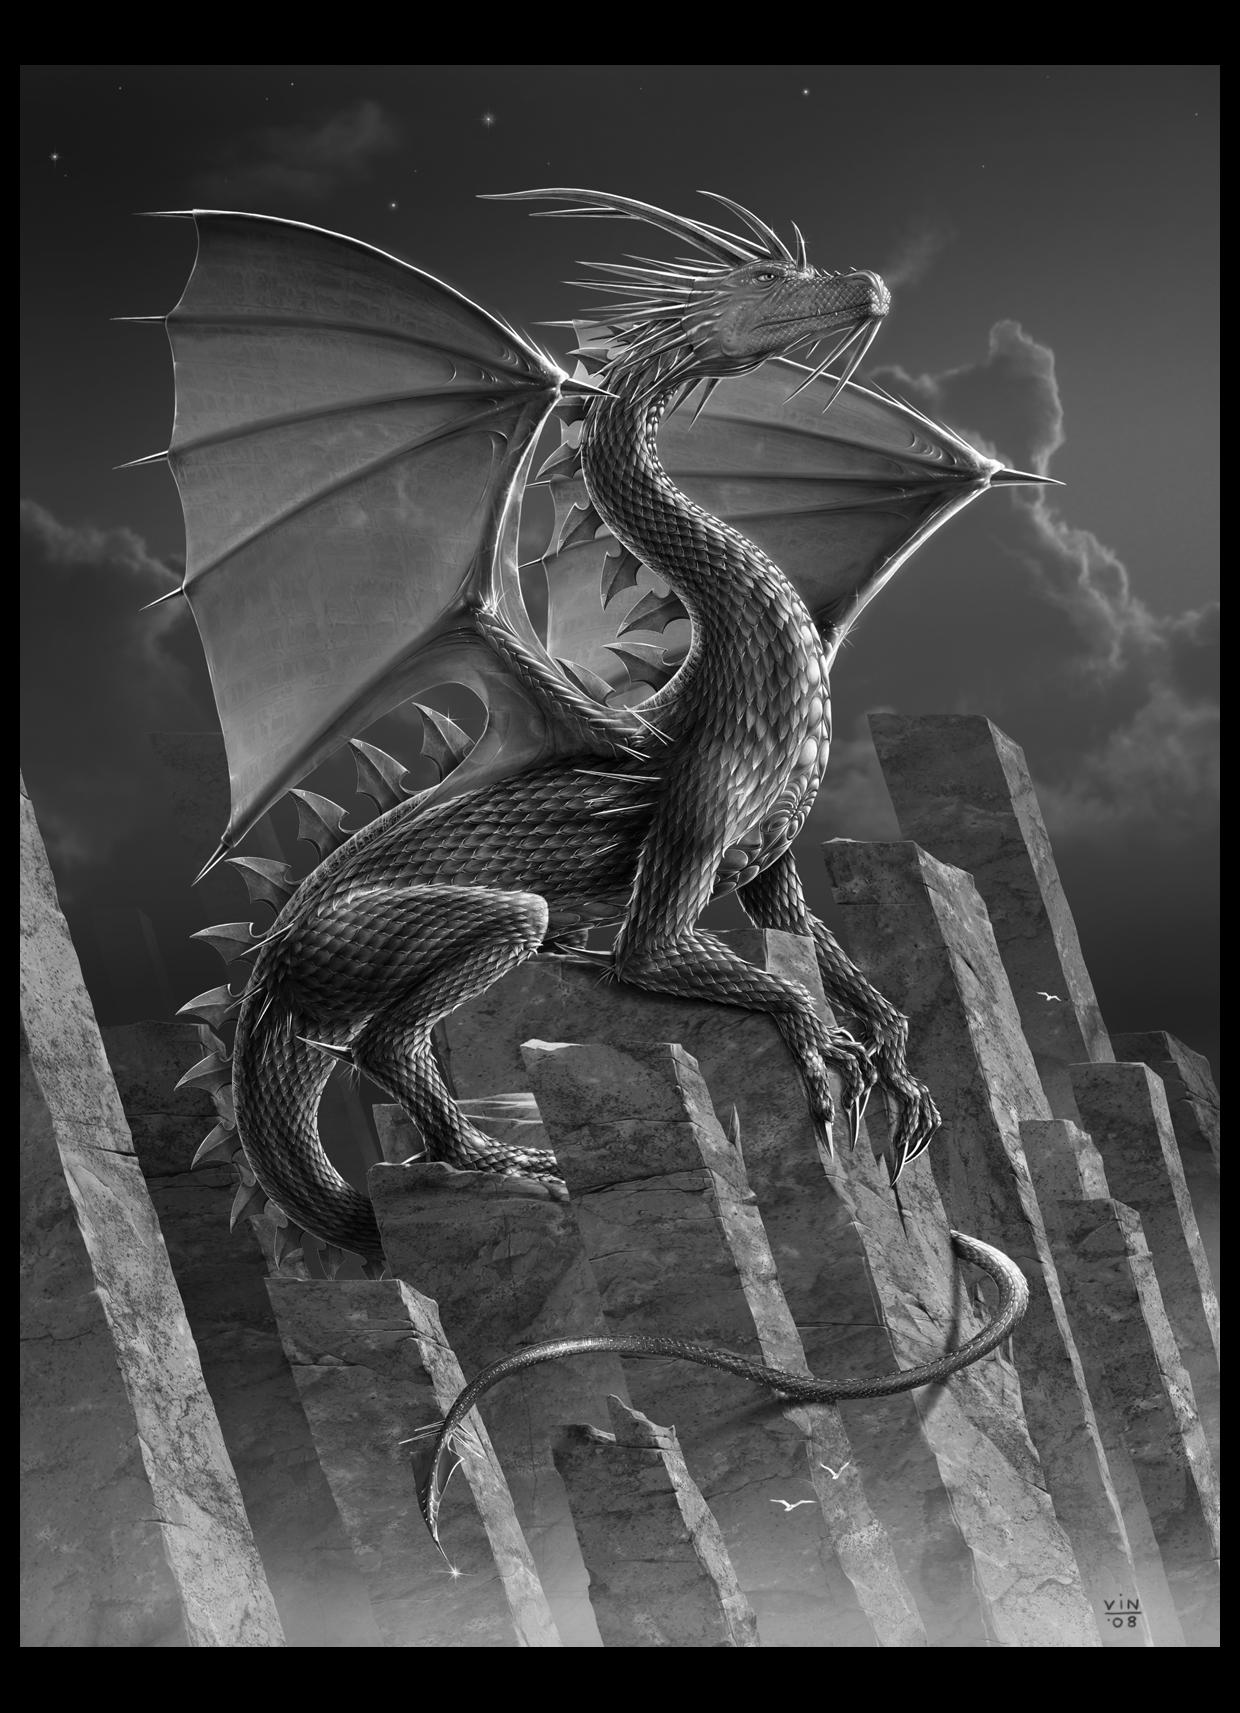 かっこいいドラゴンの画像を集めてみた - naver まとめ